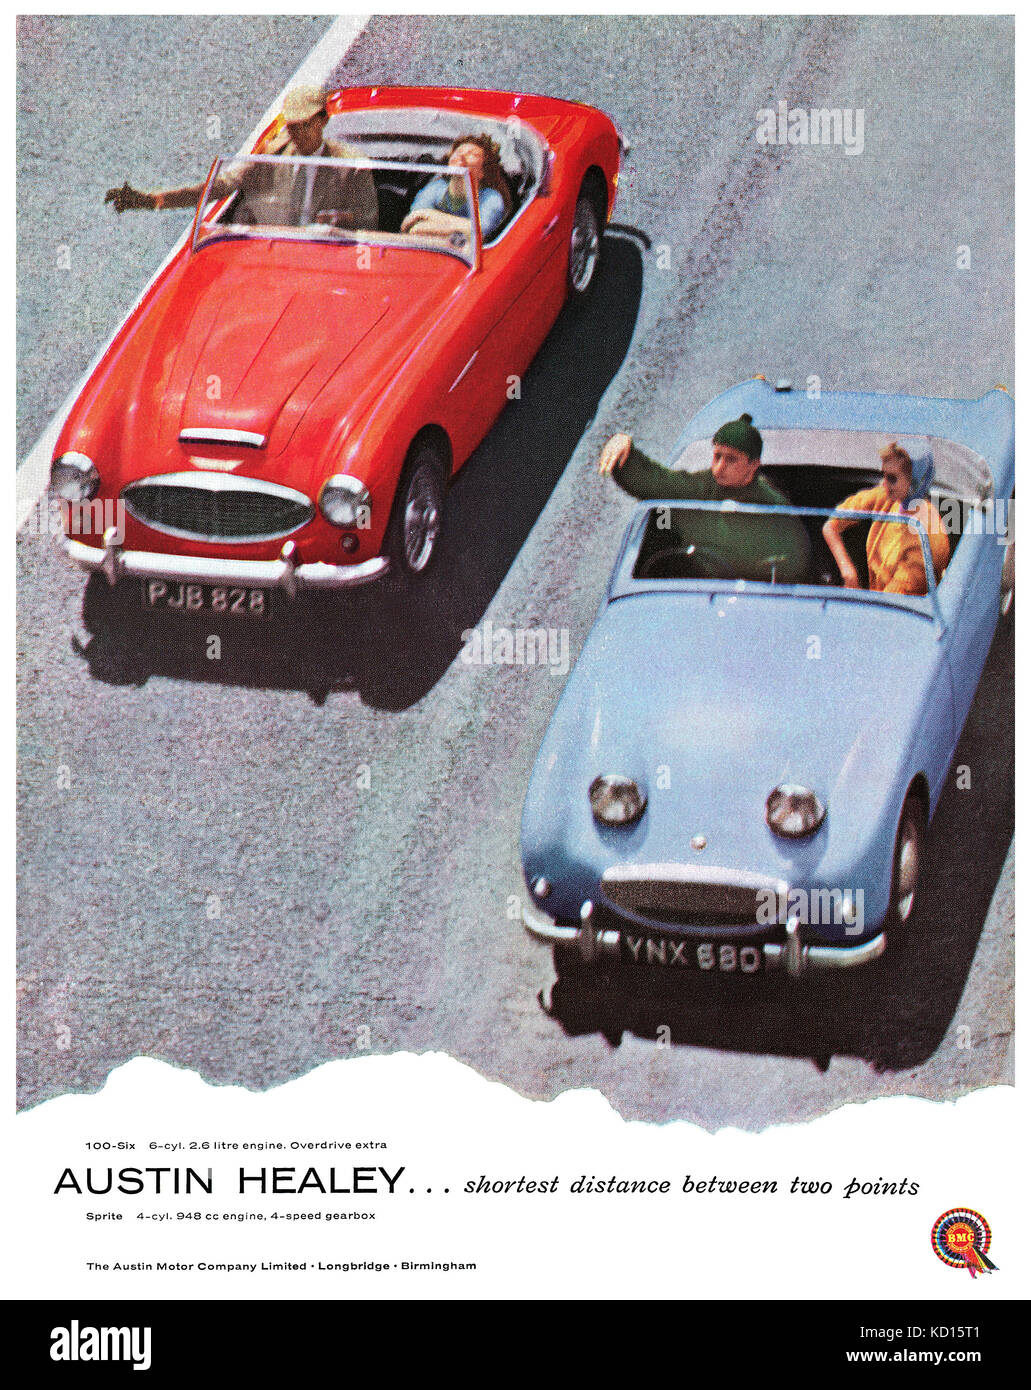 1958 britischen Werbung für den Austin Healey100-6 und Austin Healey Sprite Sportwagen. Stockbild